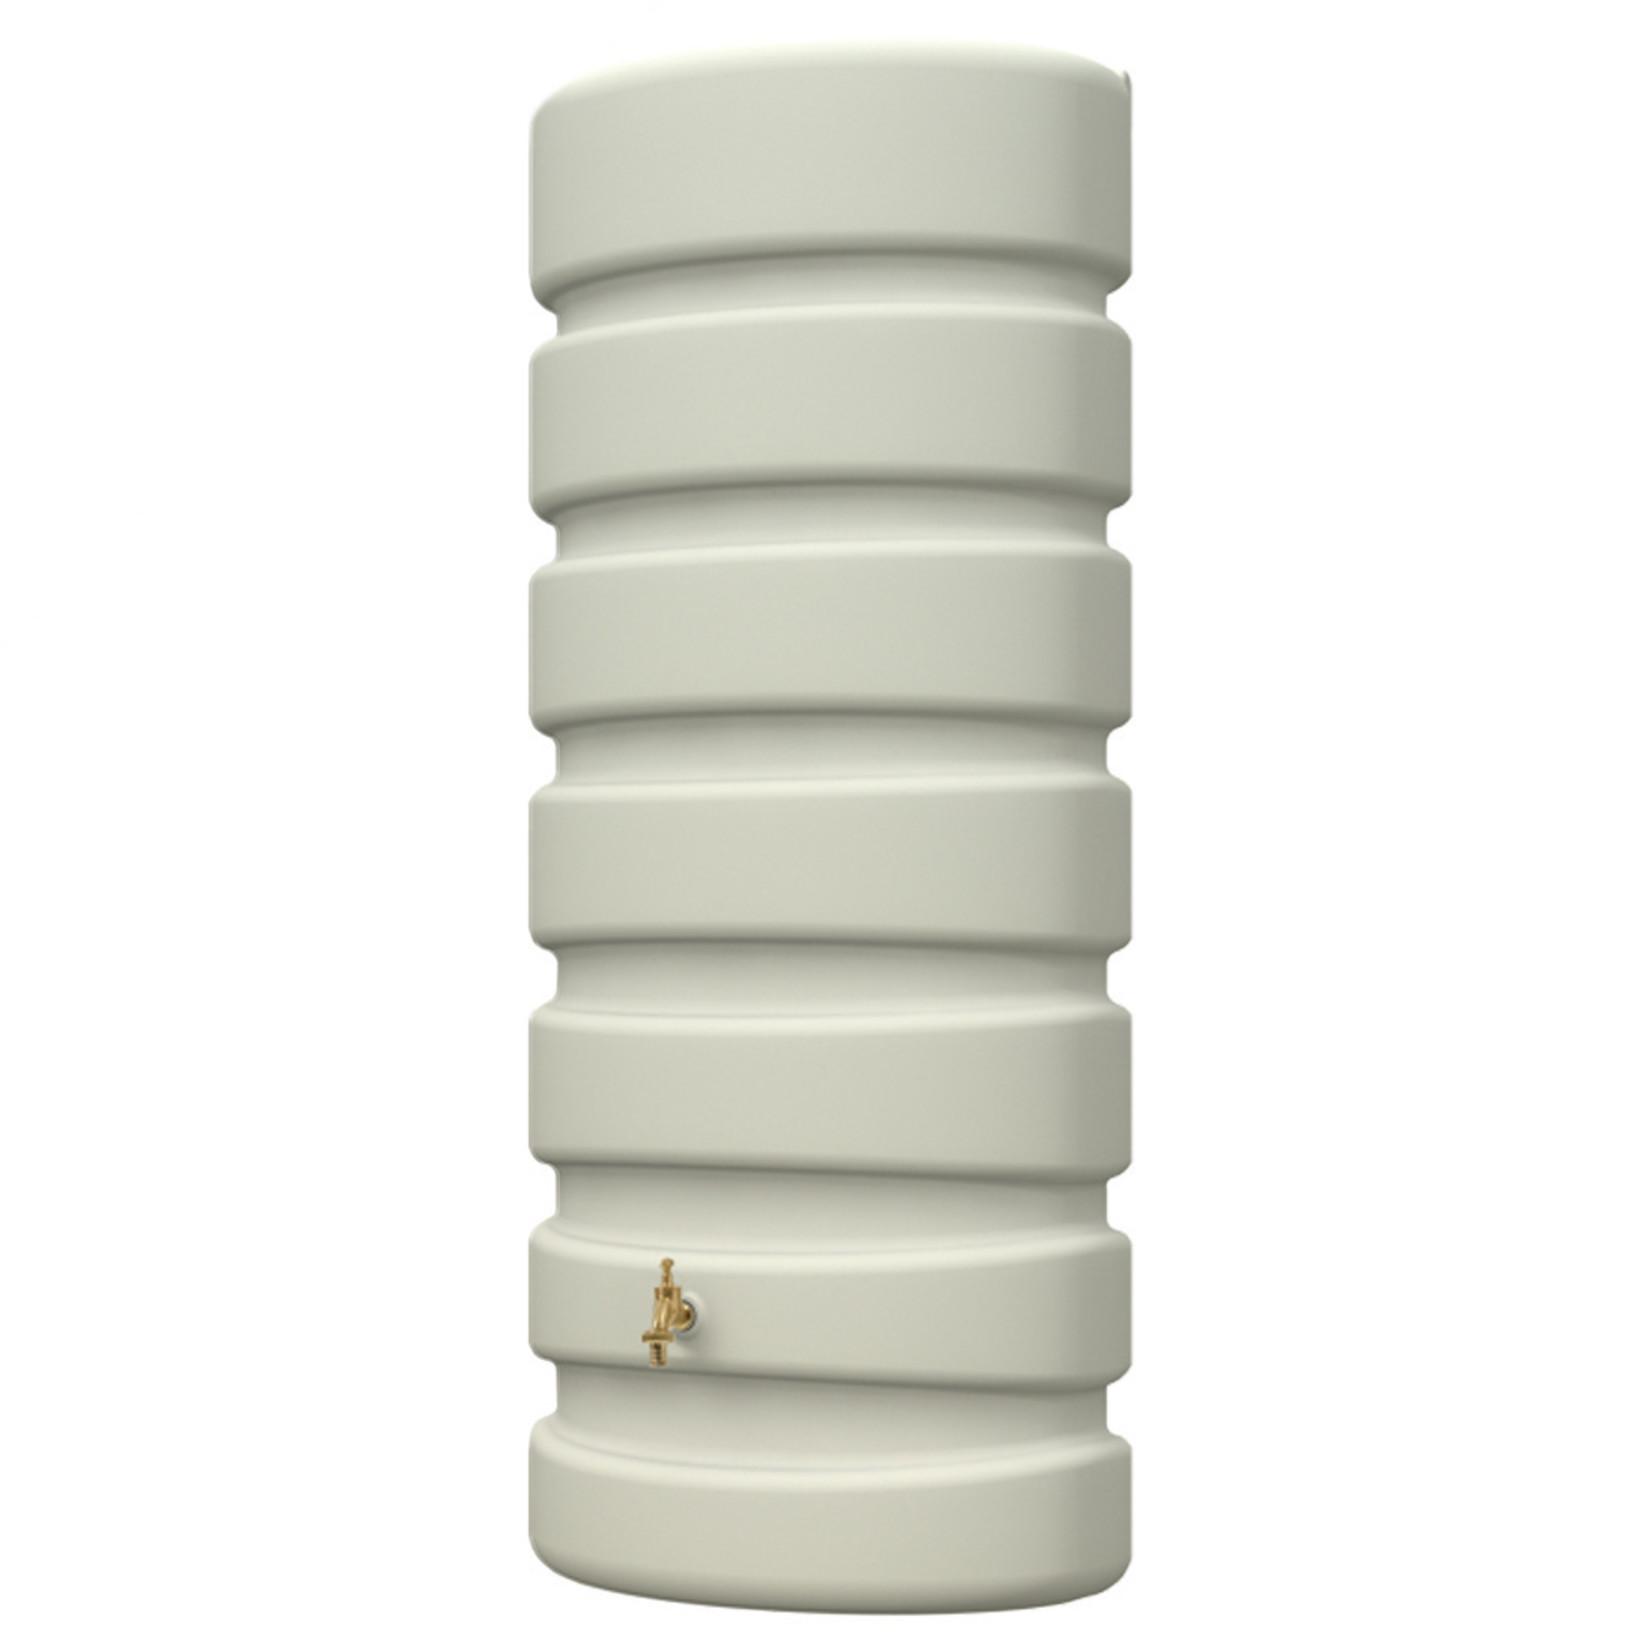 Garantia CLASSIC ton 650 liter beige l.80 x b.60 x h.192 cm